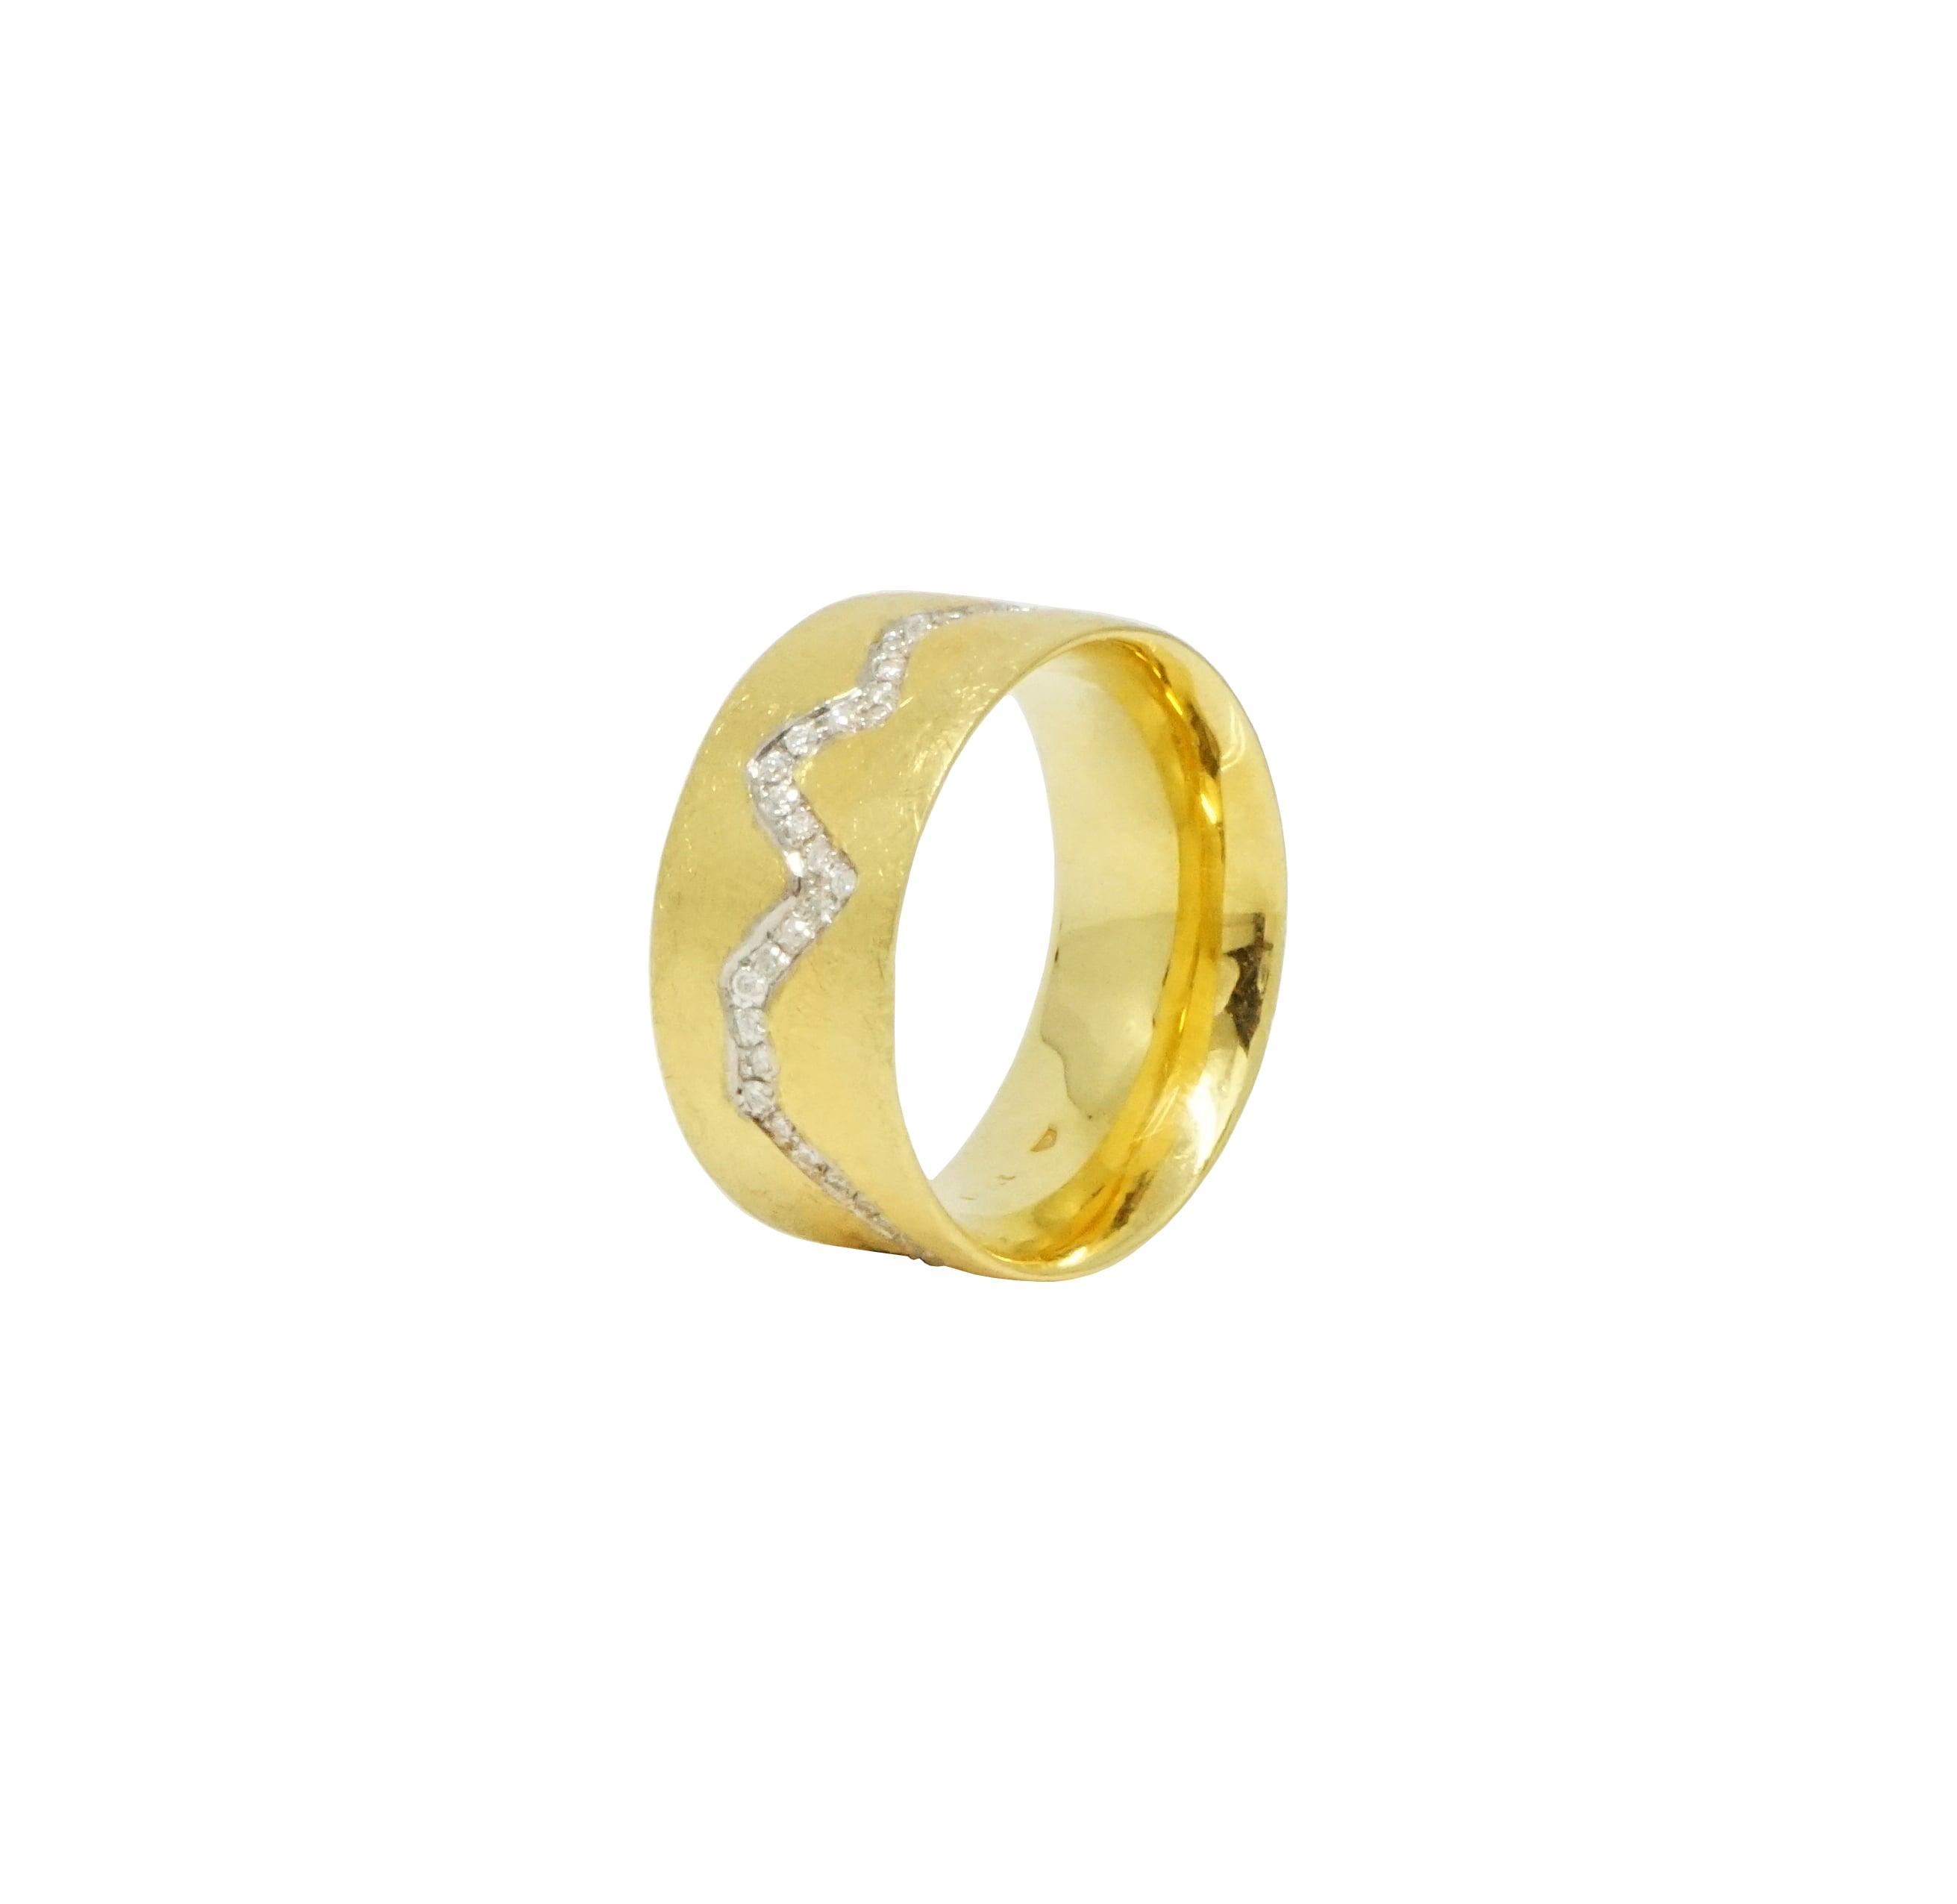 טבעת איטרניטי מעוצבת משובצת יהלומים זהב 18 קאראט